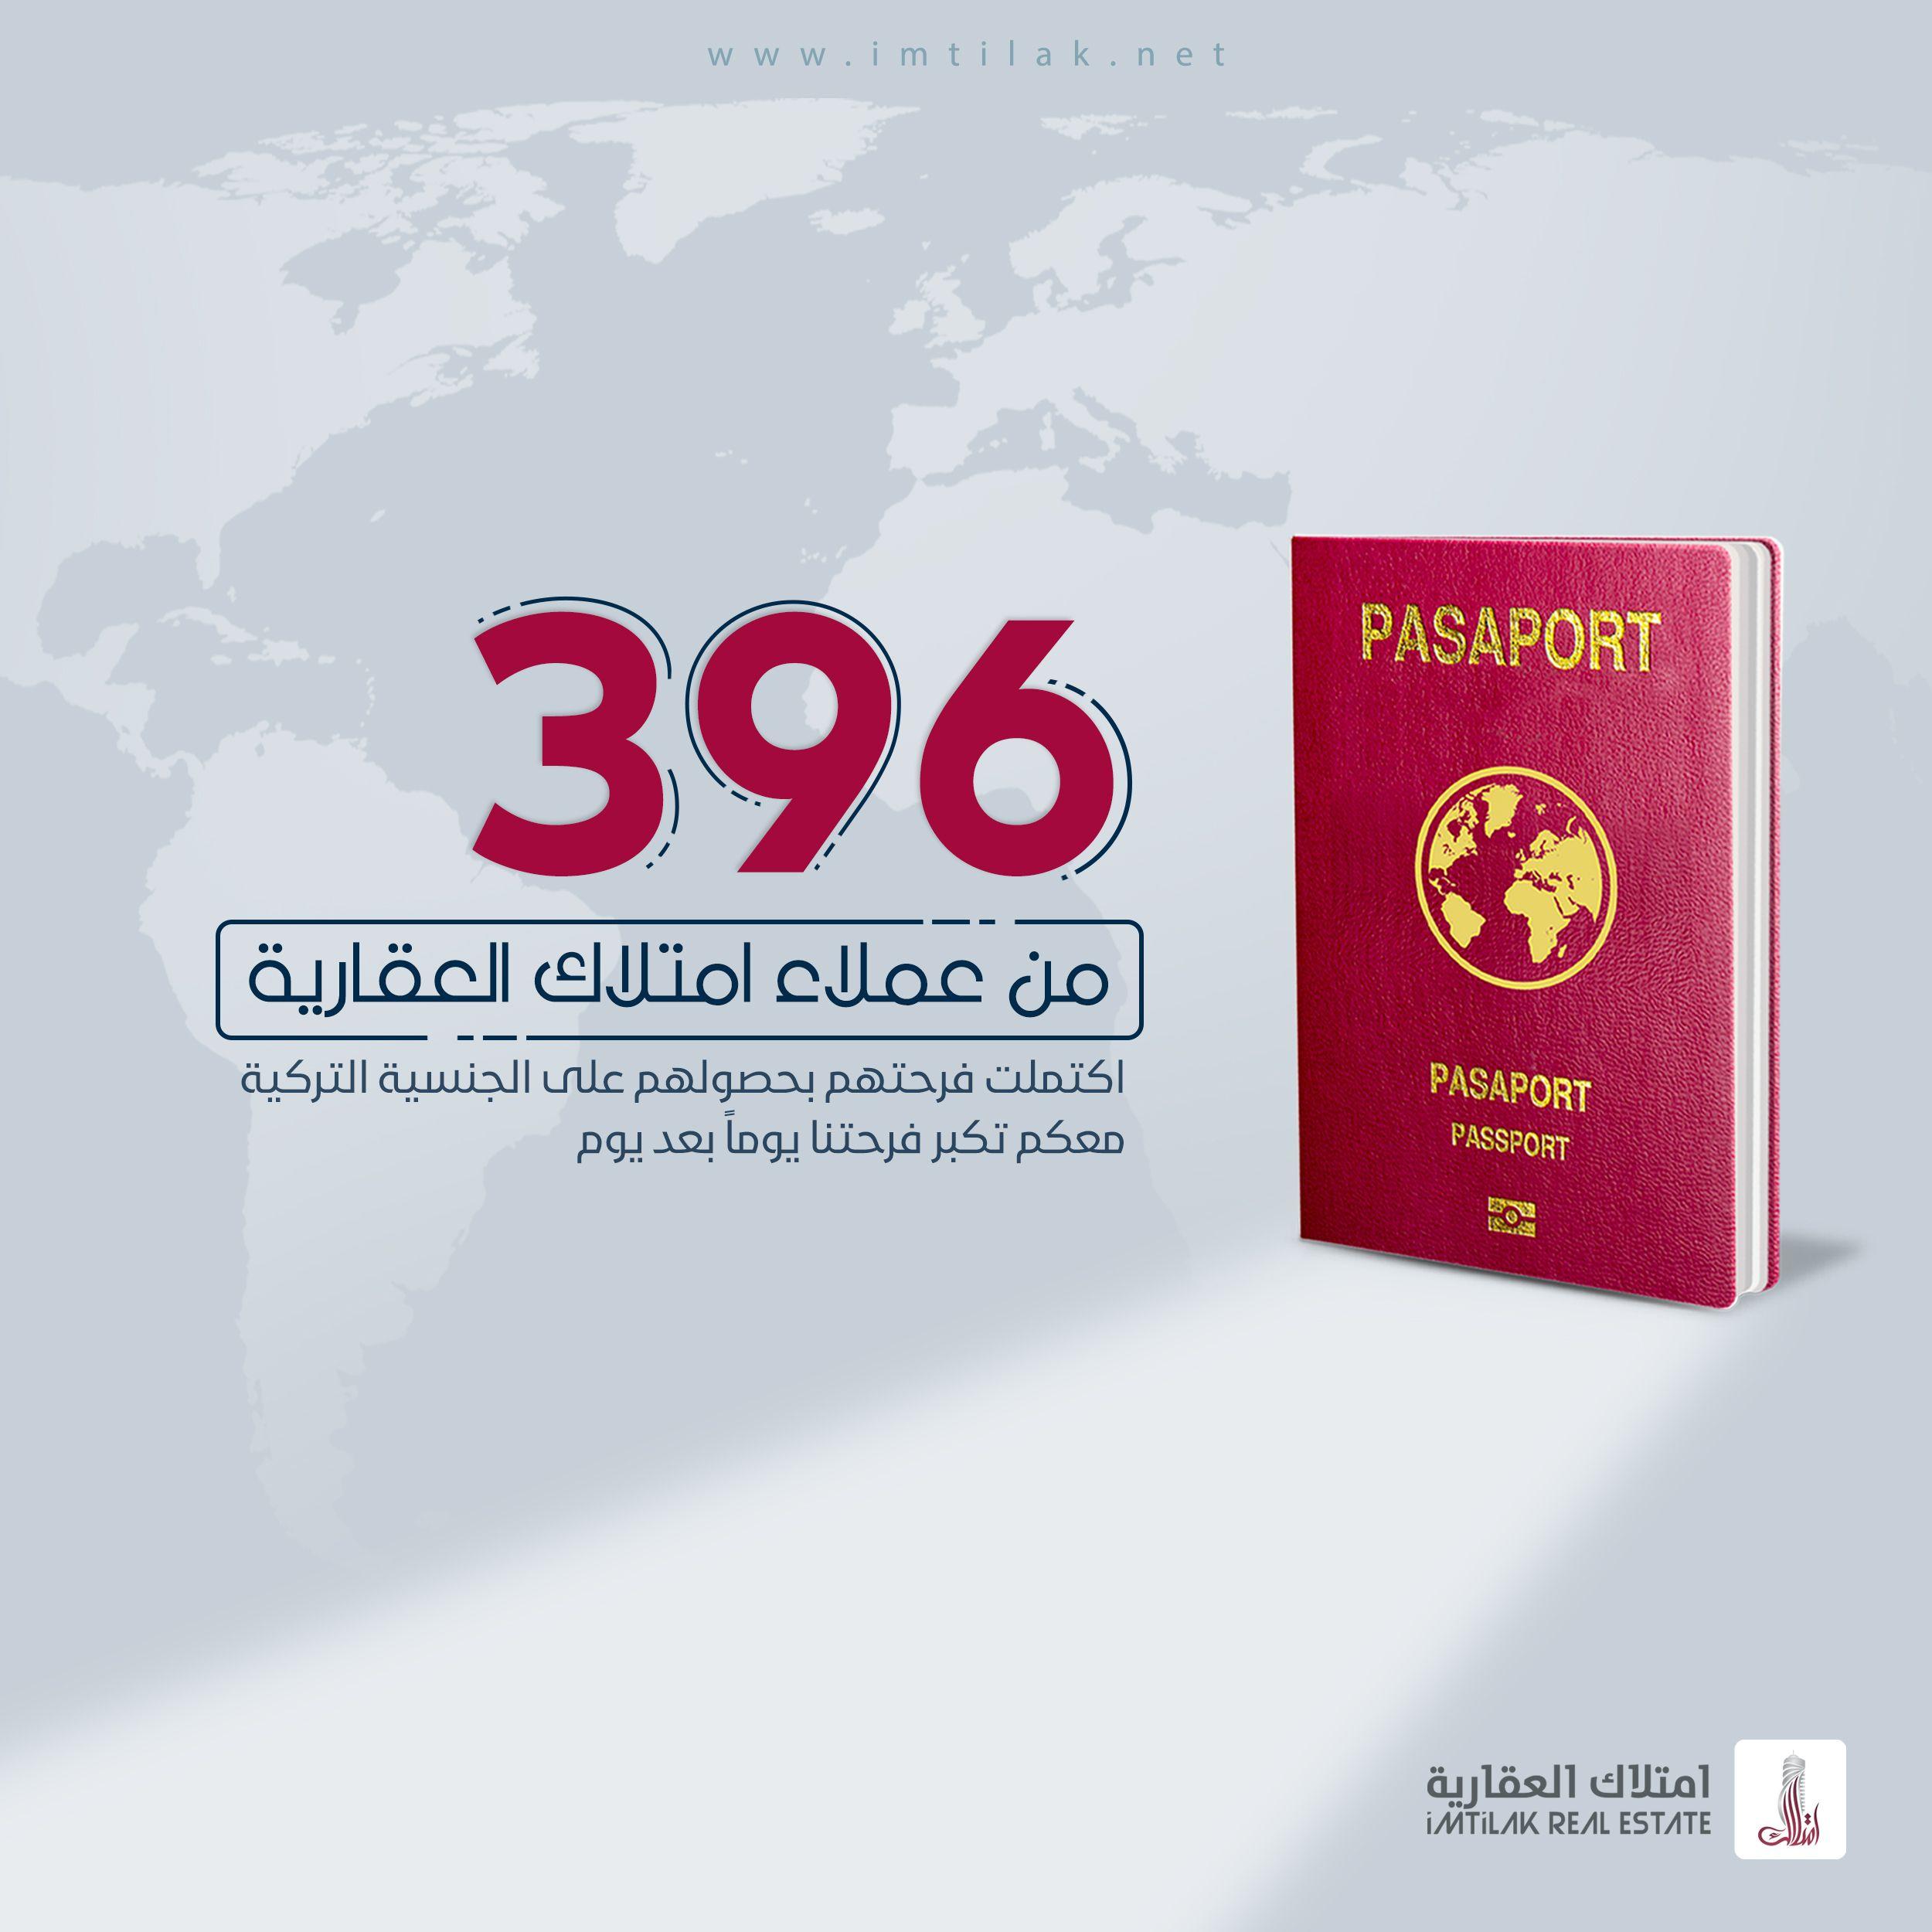 الجنسية التركية وكيفية الحصول عليها Book Cover Books Convenience Store Products